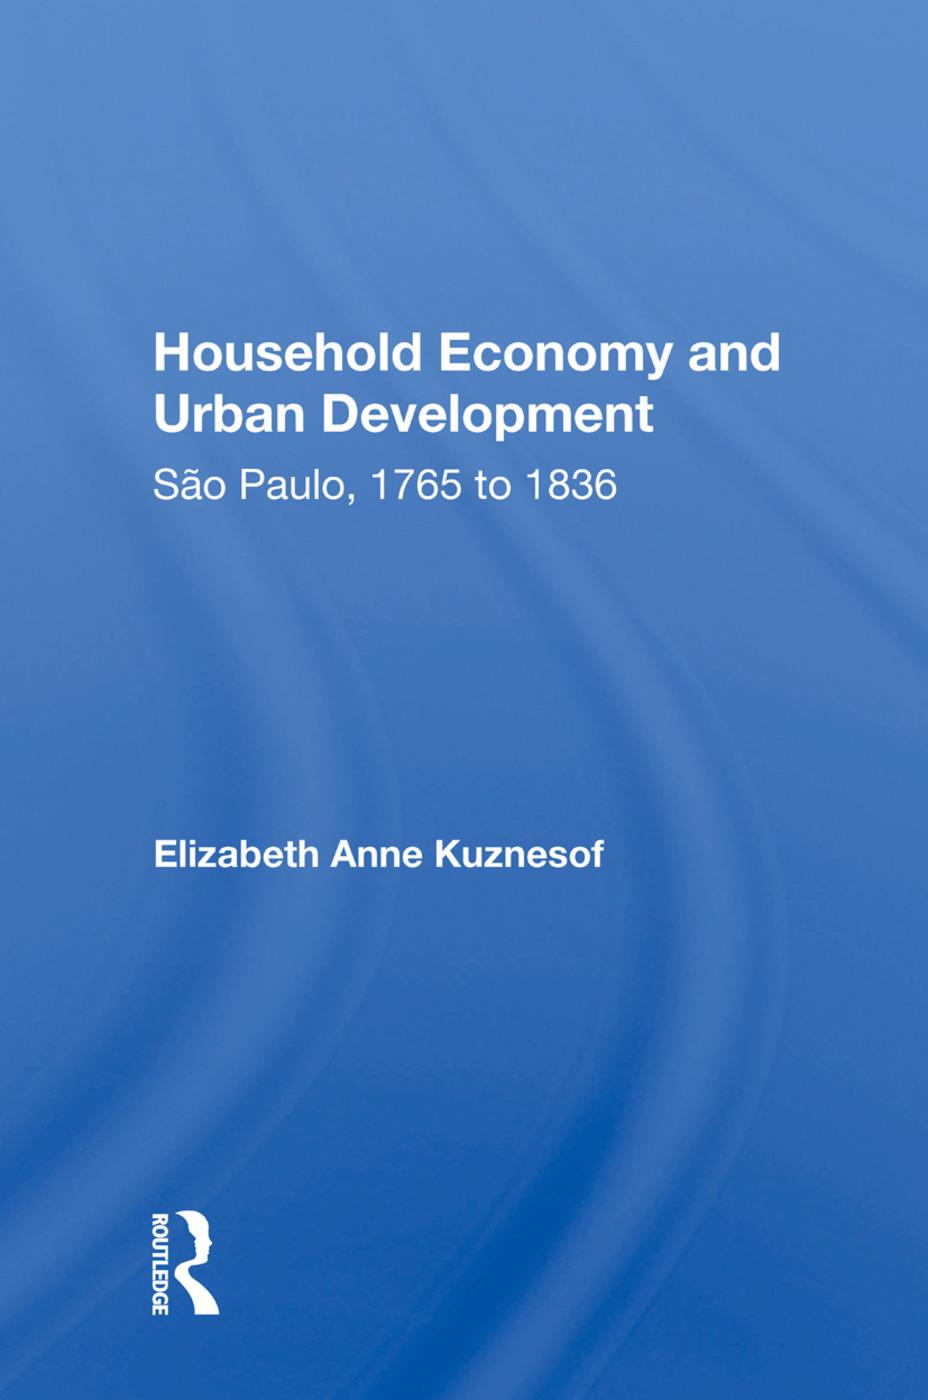 Household Economy and Urban Development